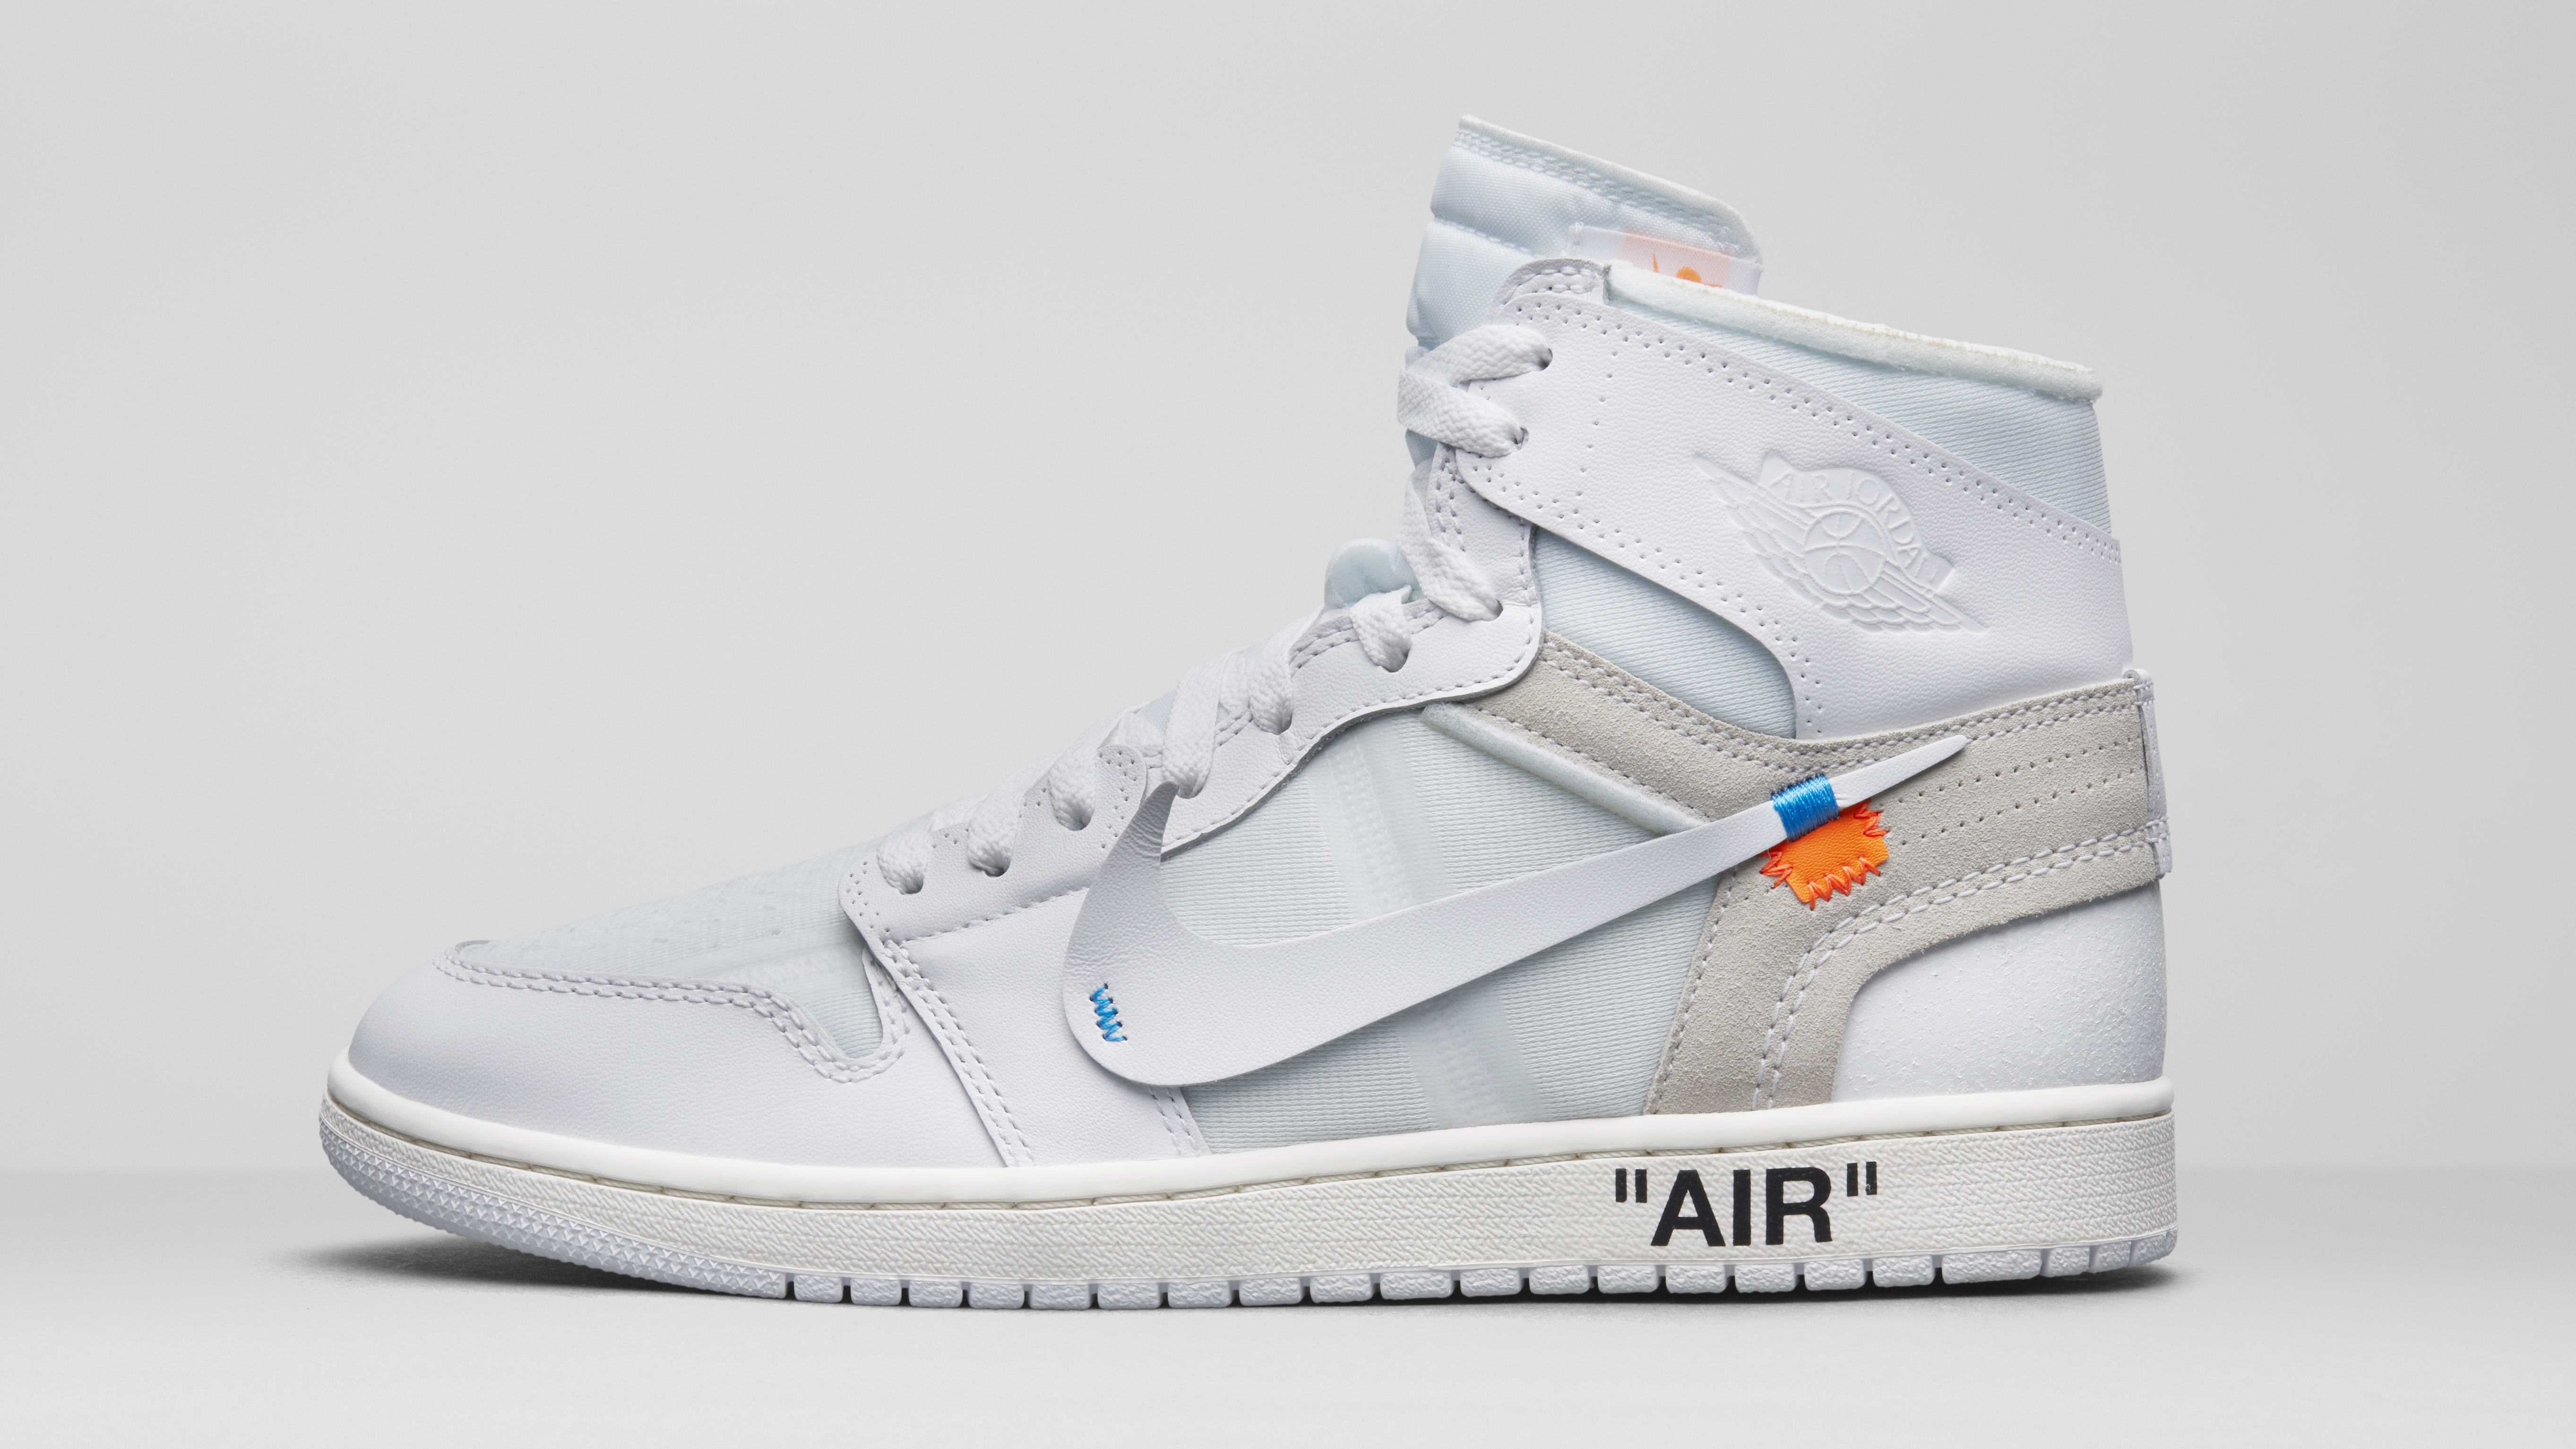 Air Jordan 1 x Off-White AQ0818-100 (Lateral)